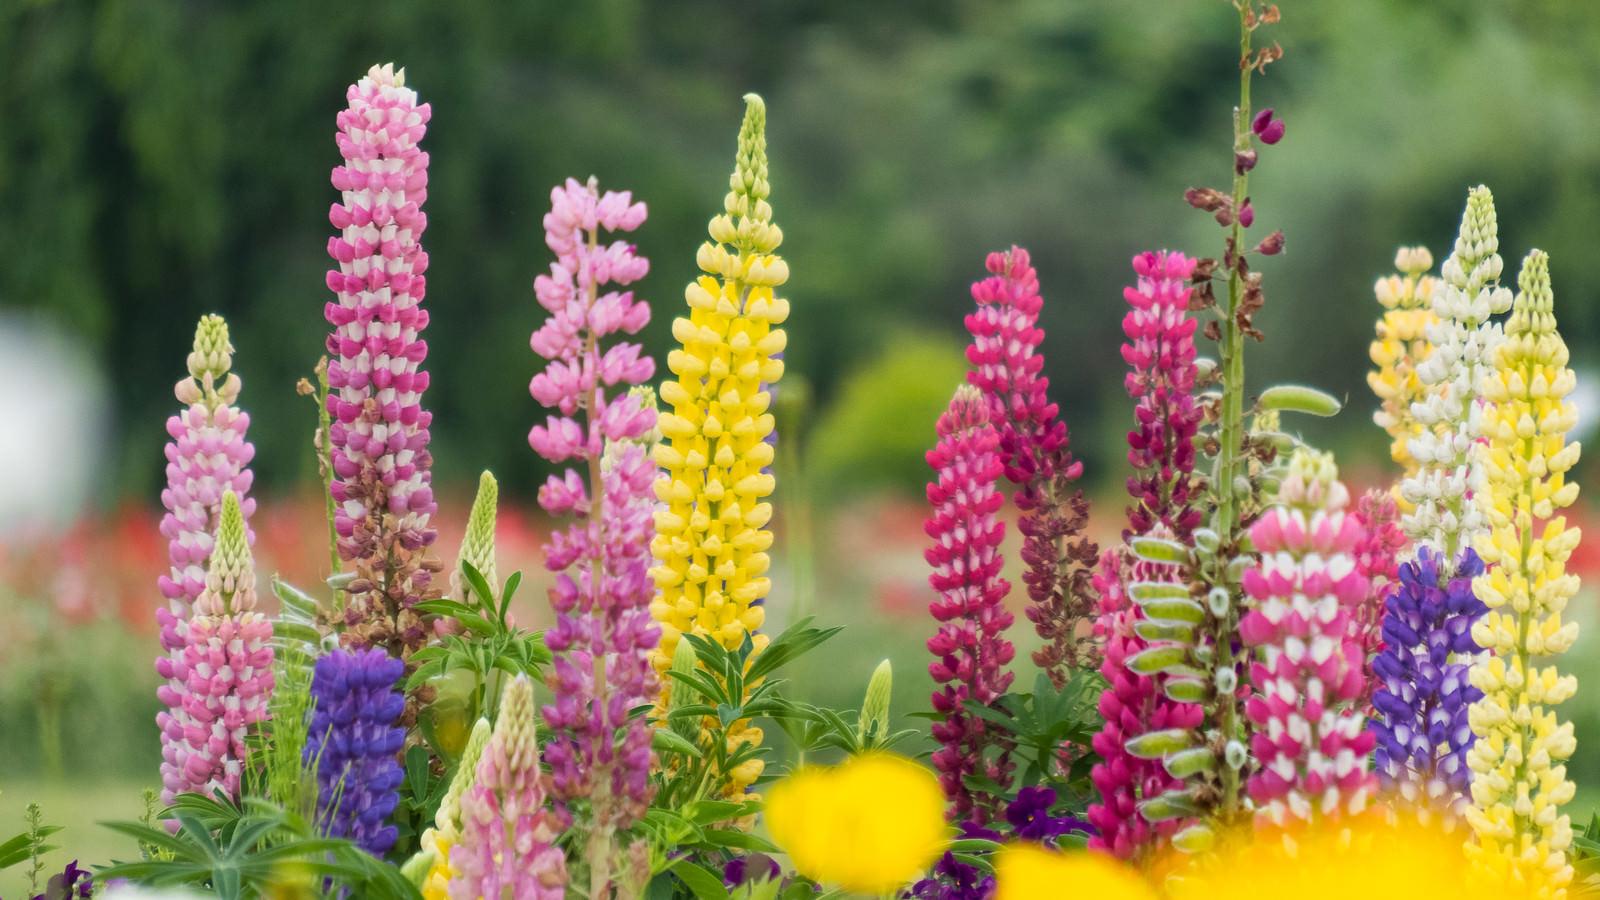 カラフルなルピナスの花の写真を無料ダウンロード(フリー素材) - ぱくたそ